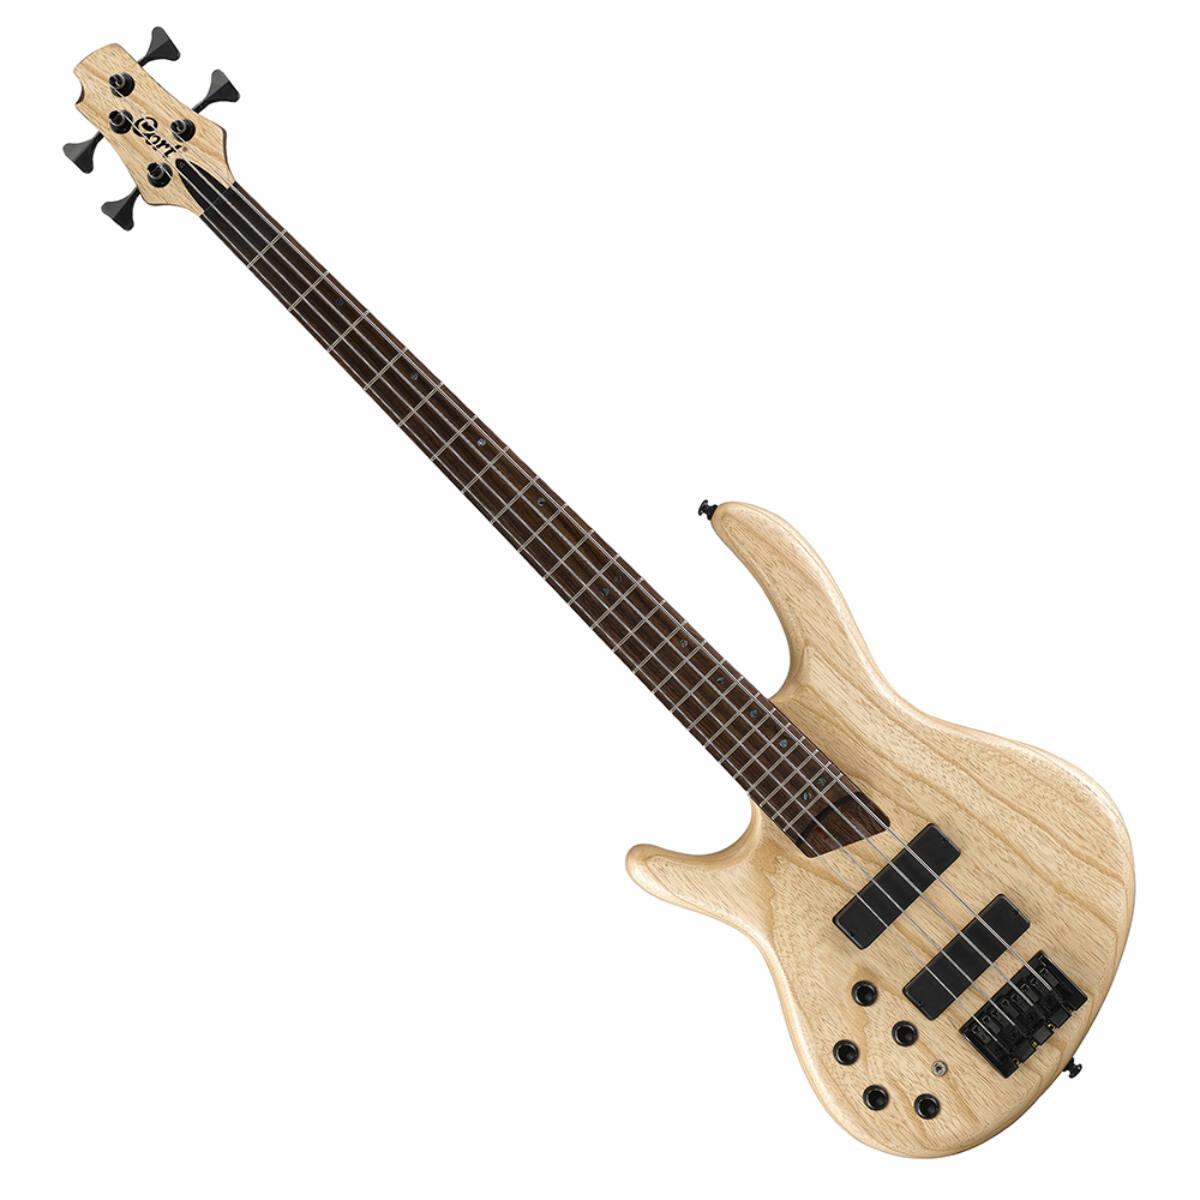 Cort - B4PlusLH-AS Artisan balkezes elektromos basszusgitár natúr